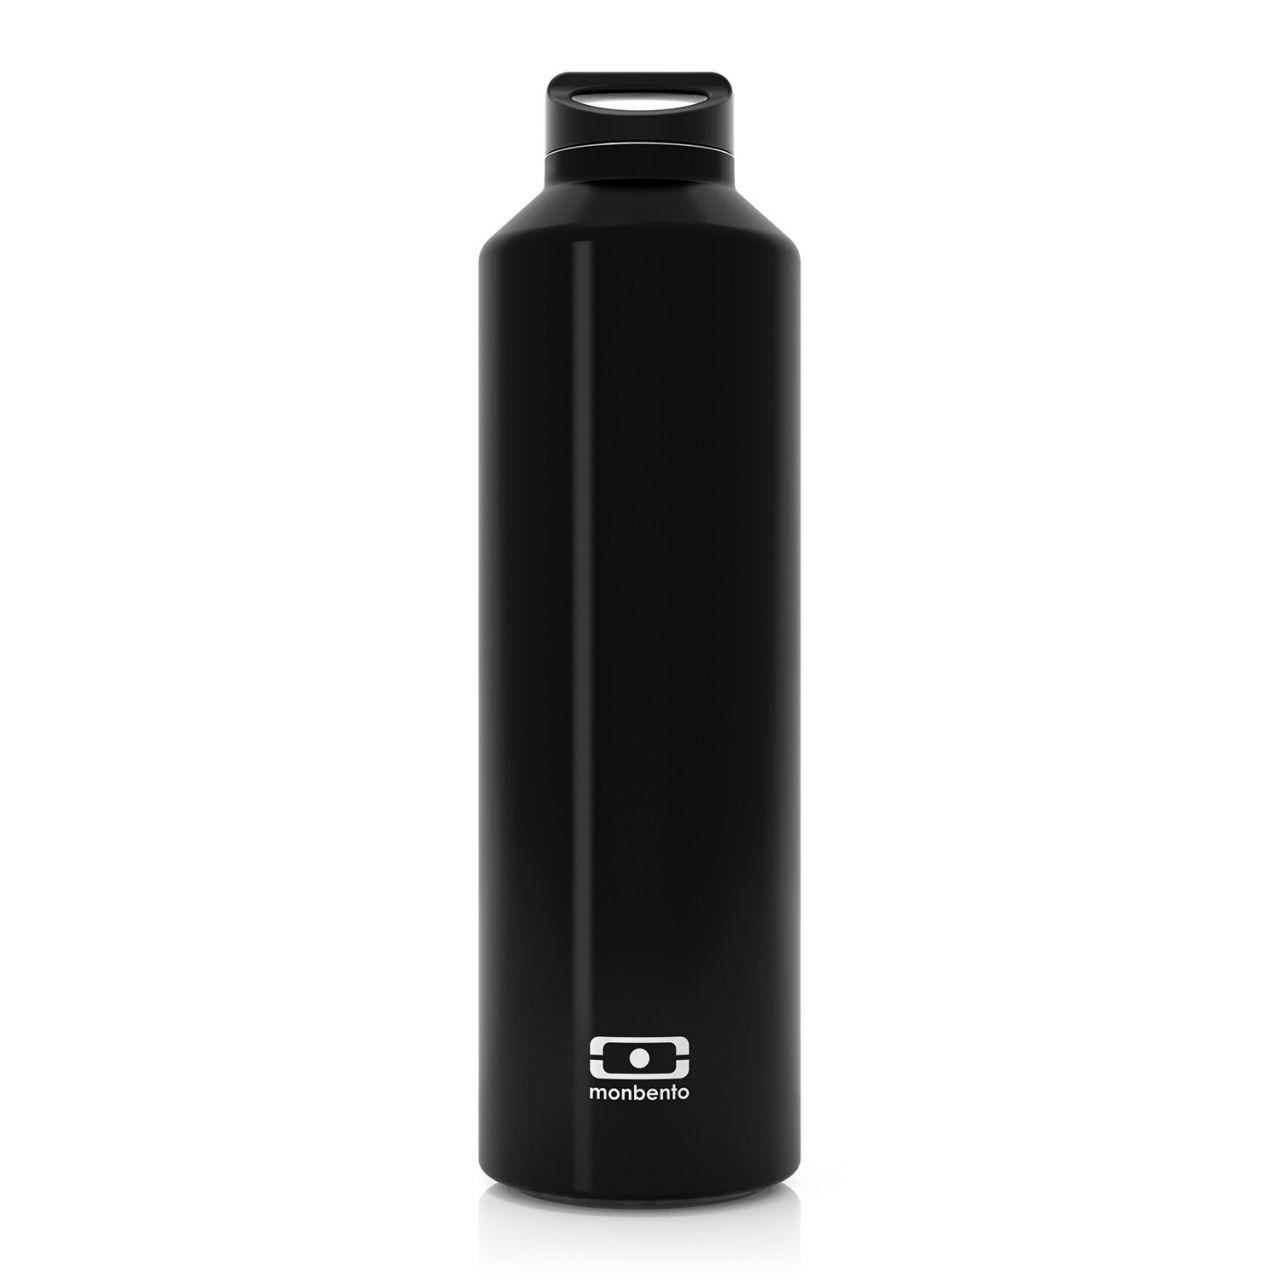 Monbento - Steel Thermosflasche inkl.Siebeinsatz 0,5 L 401101002_STD